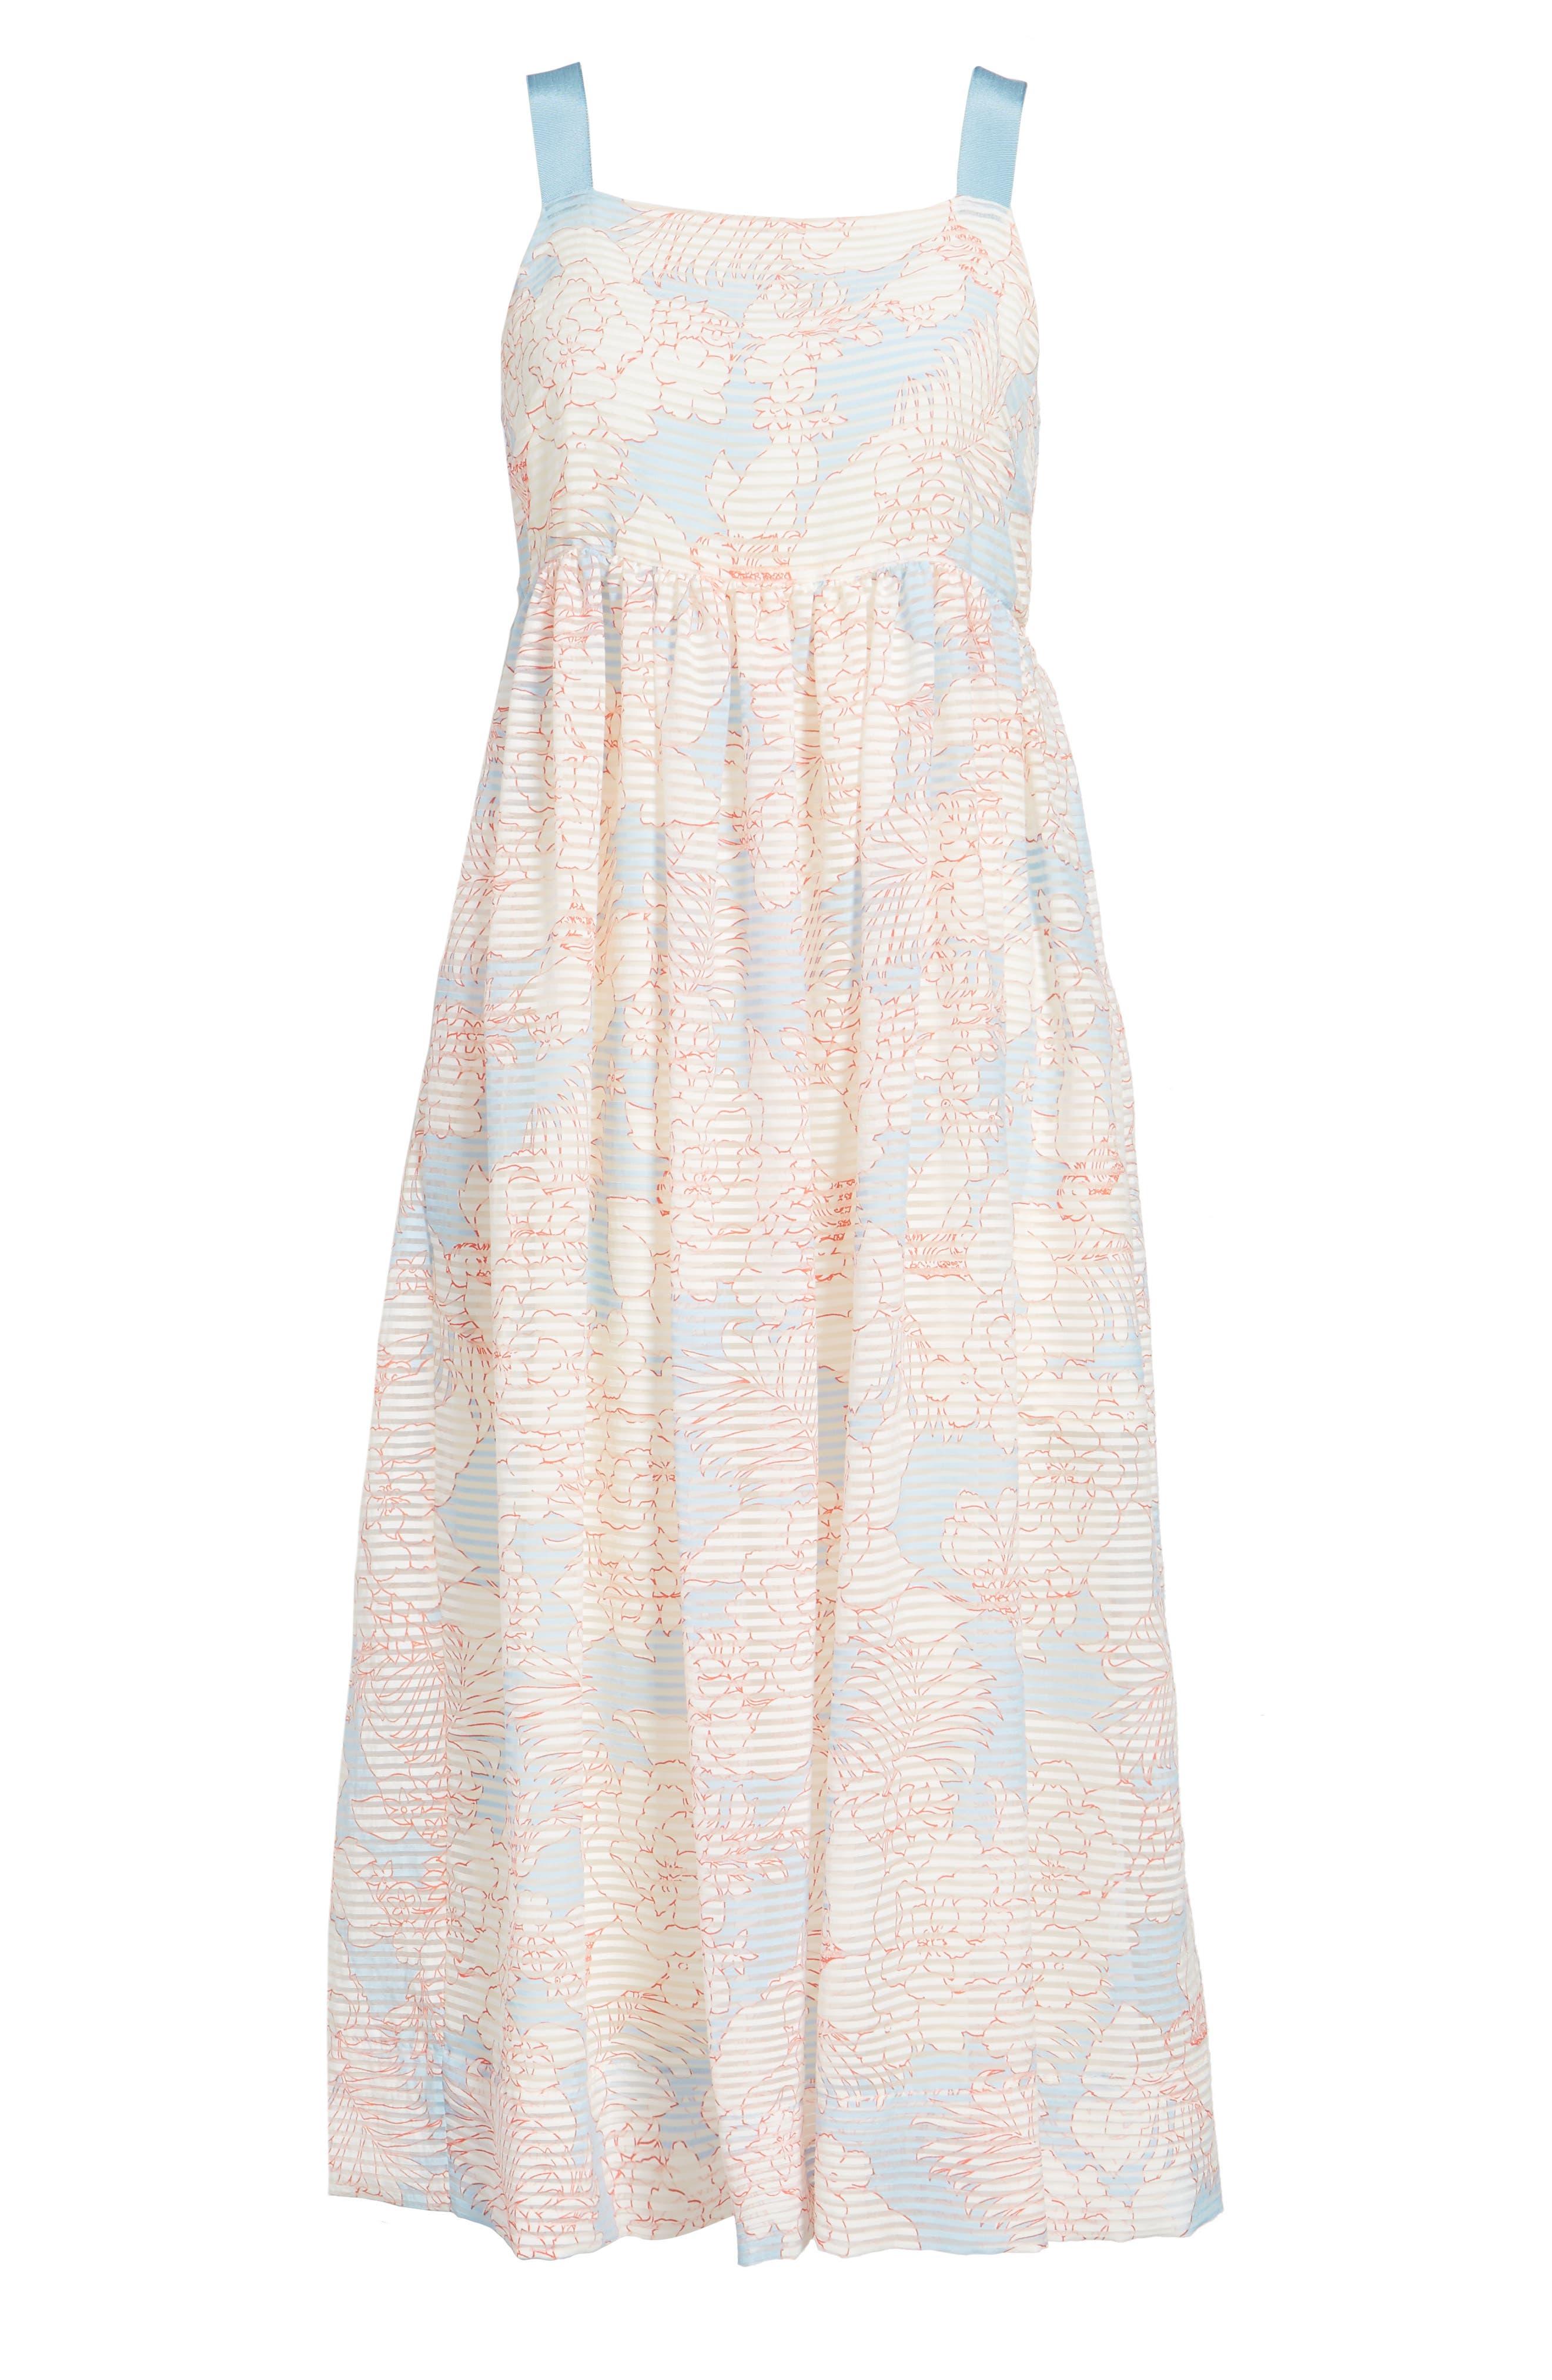 Bahamas Print Midi Dress,                             Alternate thumbnail 6, color,                             400